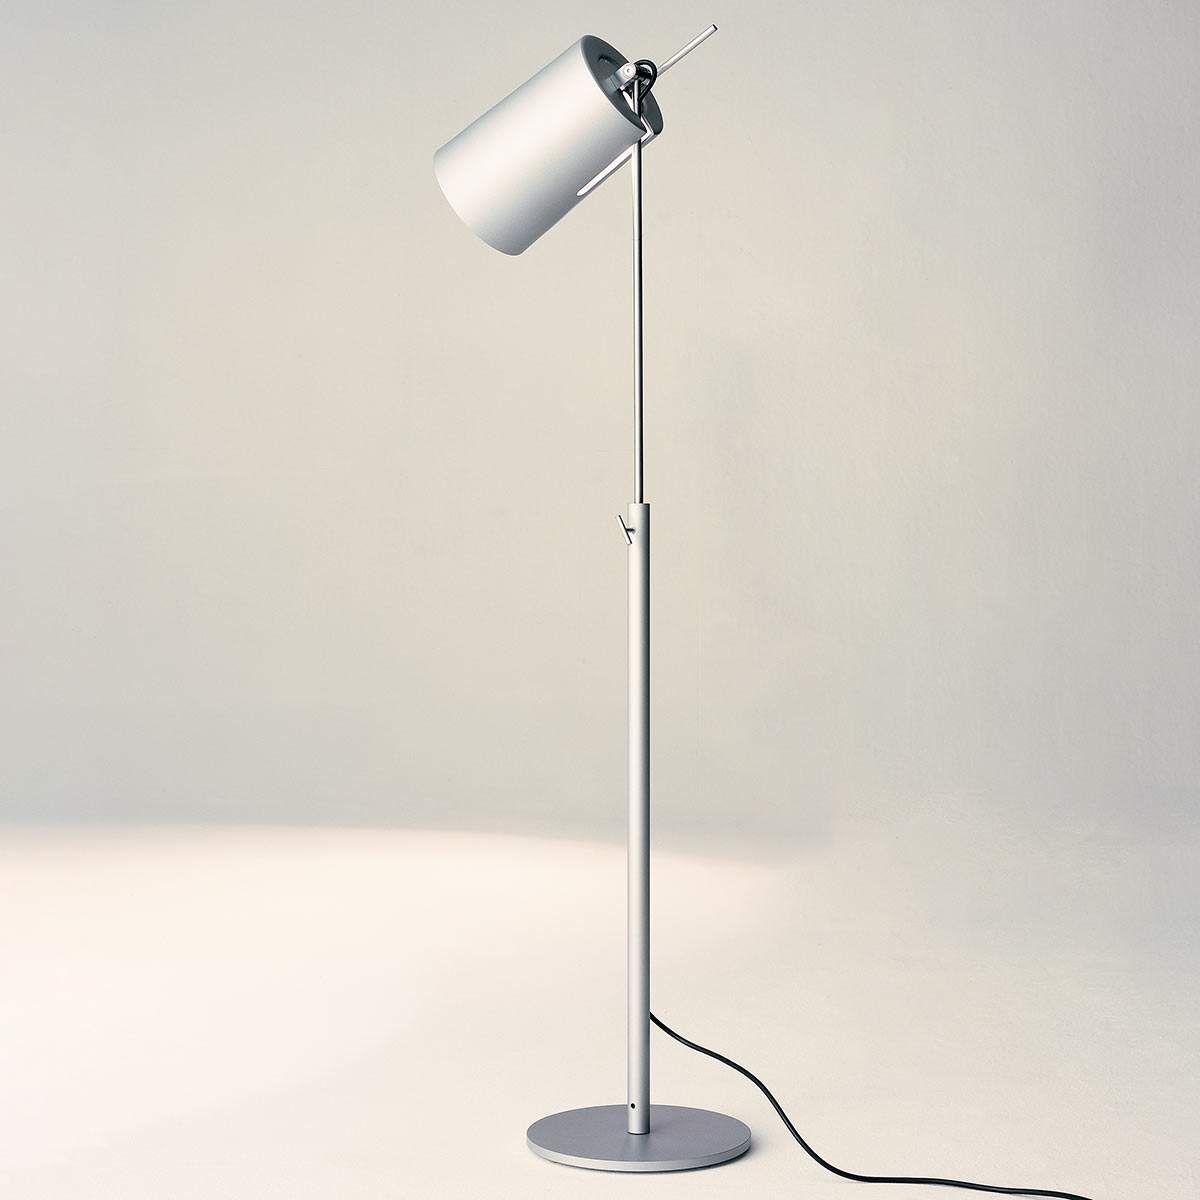 Led Lampe Mit Batterie Bauen Wandleuchte Sonne Gold Einbaustrahler Led 55mm Tischleuchte Ohne Kabel Led Stehlampe Lampe Mit Batterie Led Einbaustrahler